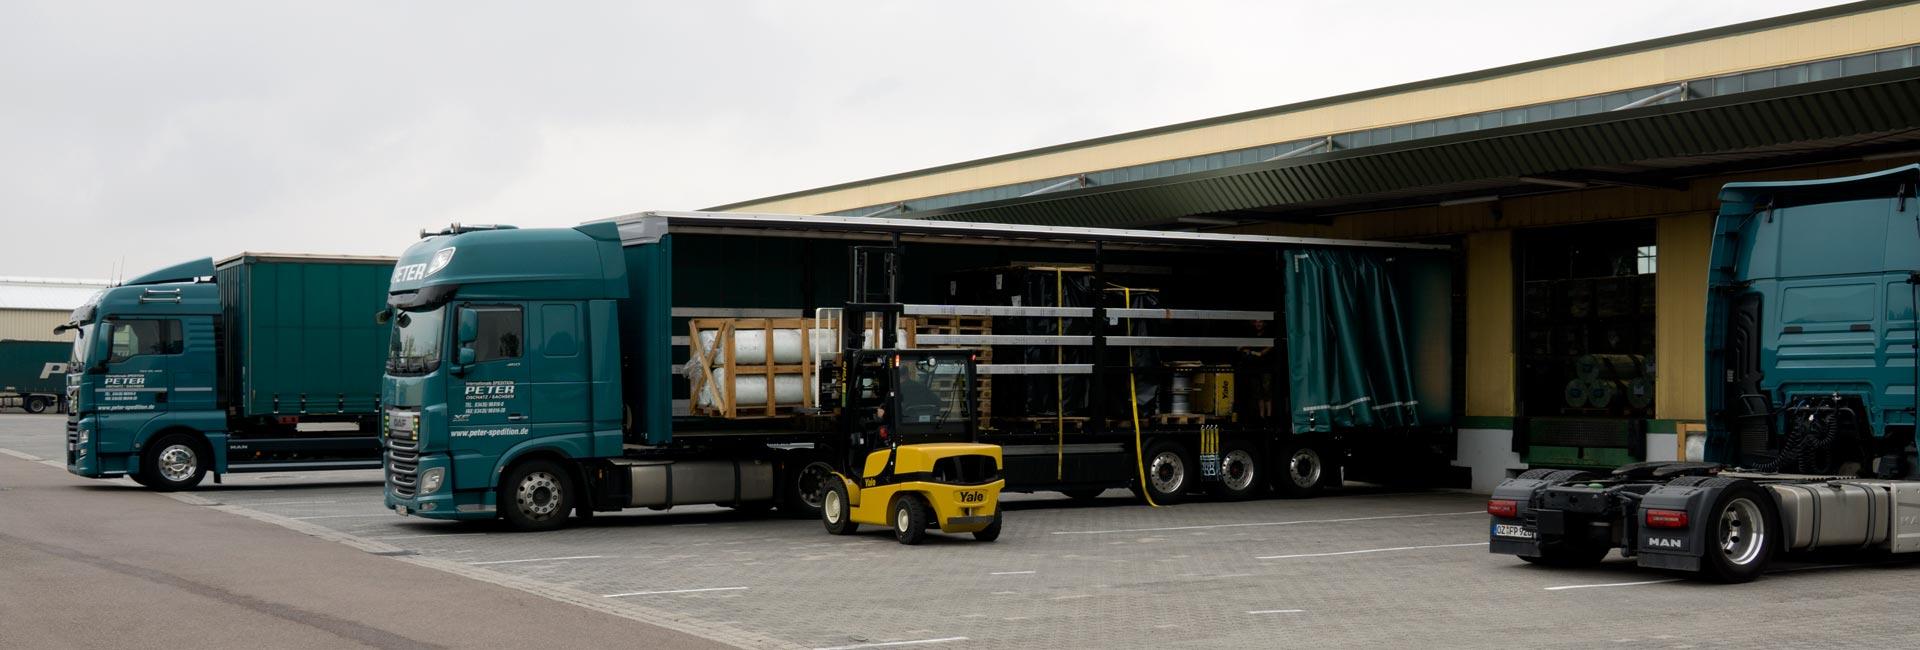 Leistungen im Güterfernverkehr | Spedition Peter